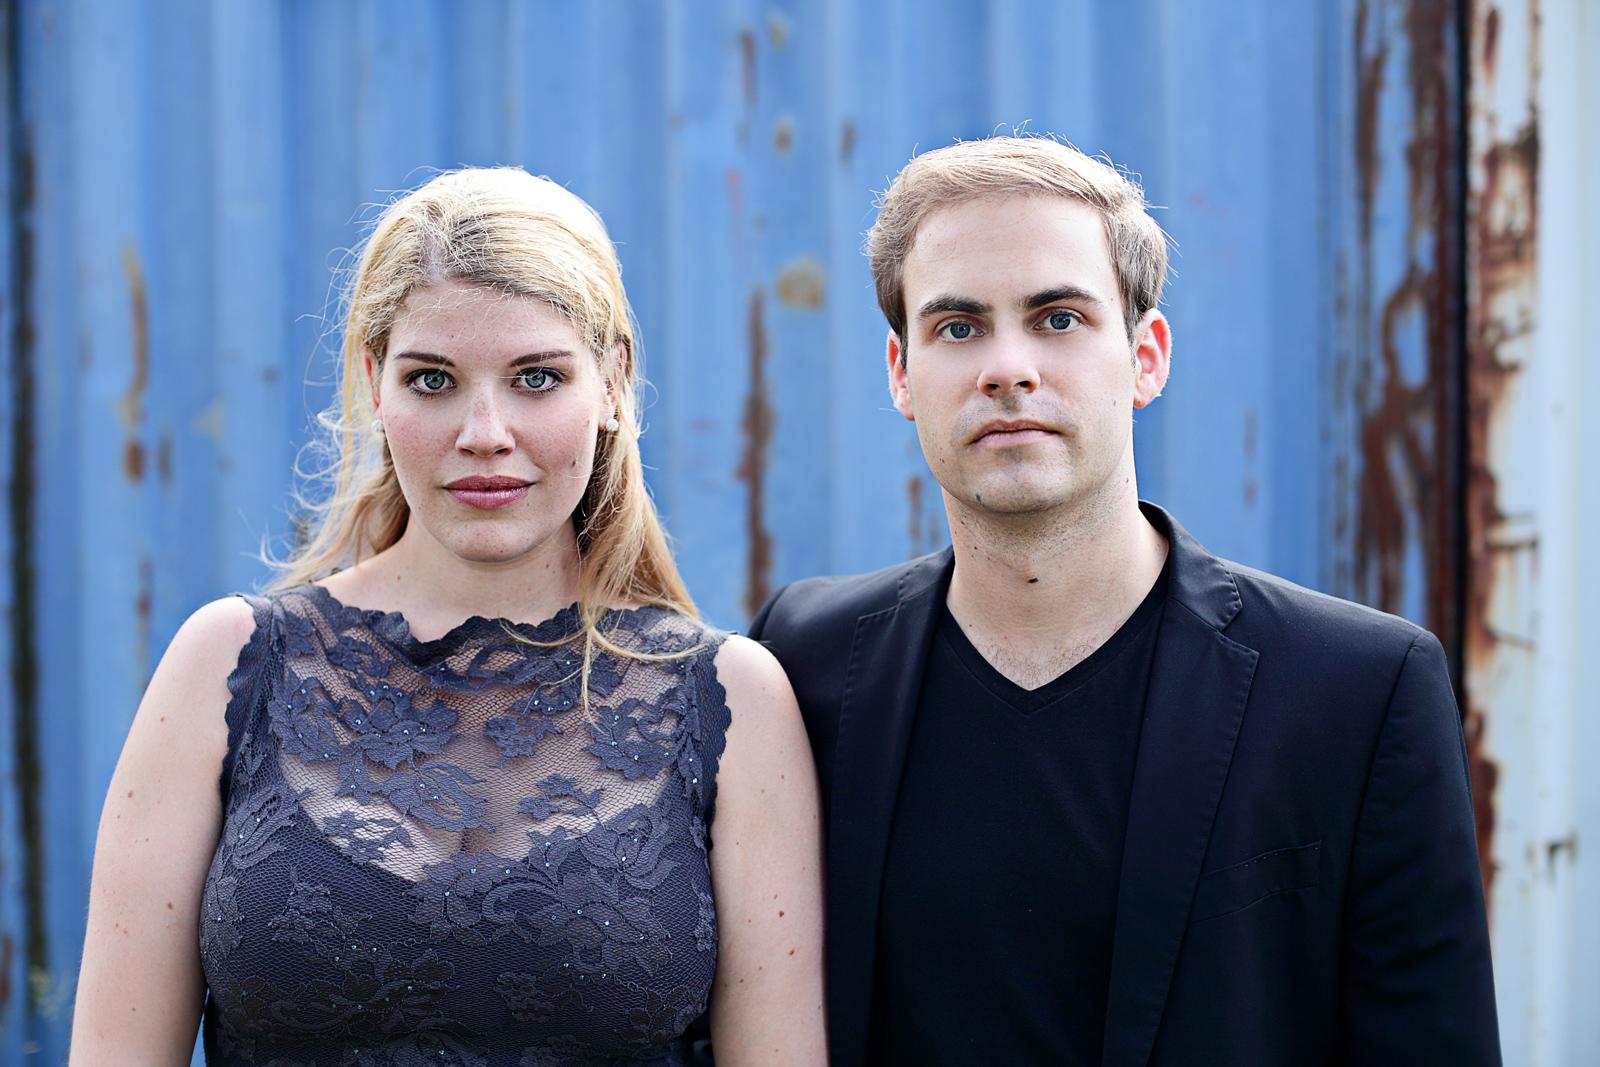 Künstlerportrait Neele Kramer und Philipp Heiß von Fotograf Nicolas Kröger